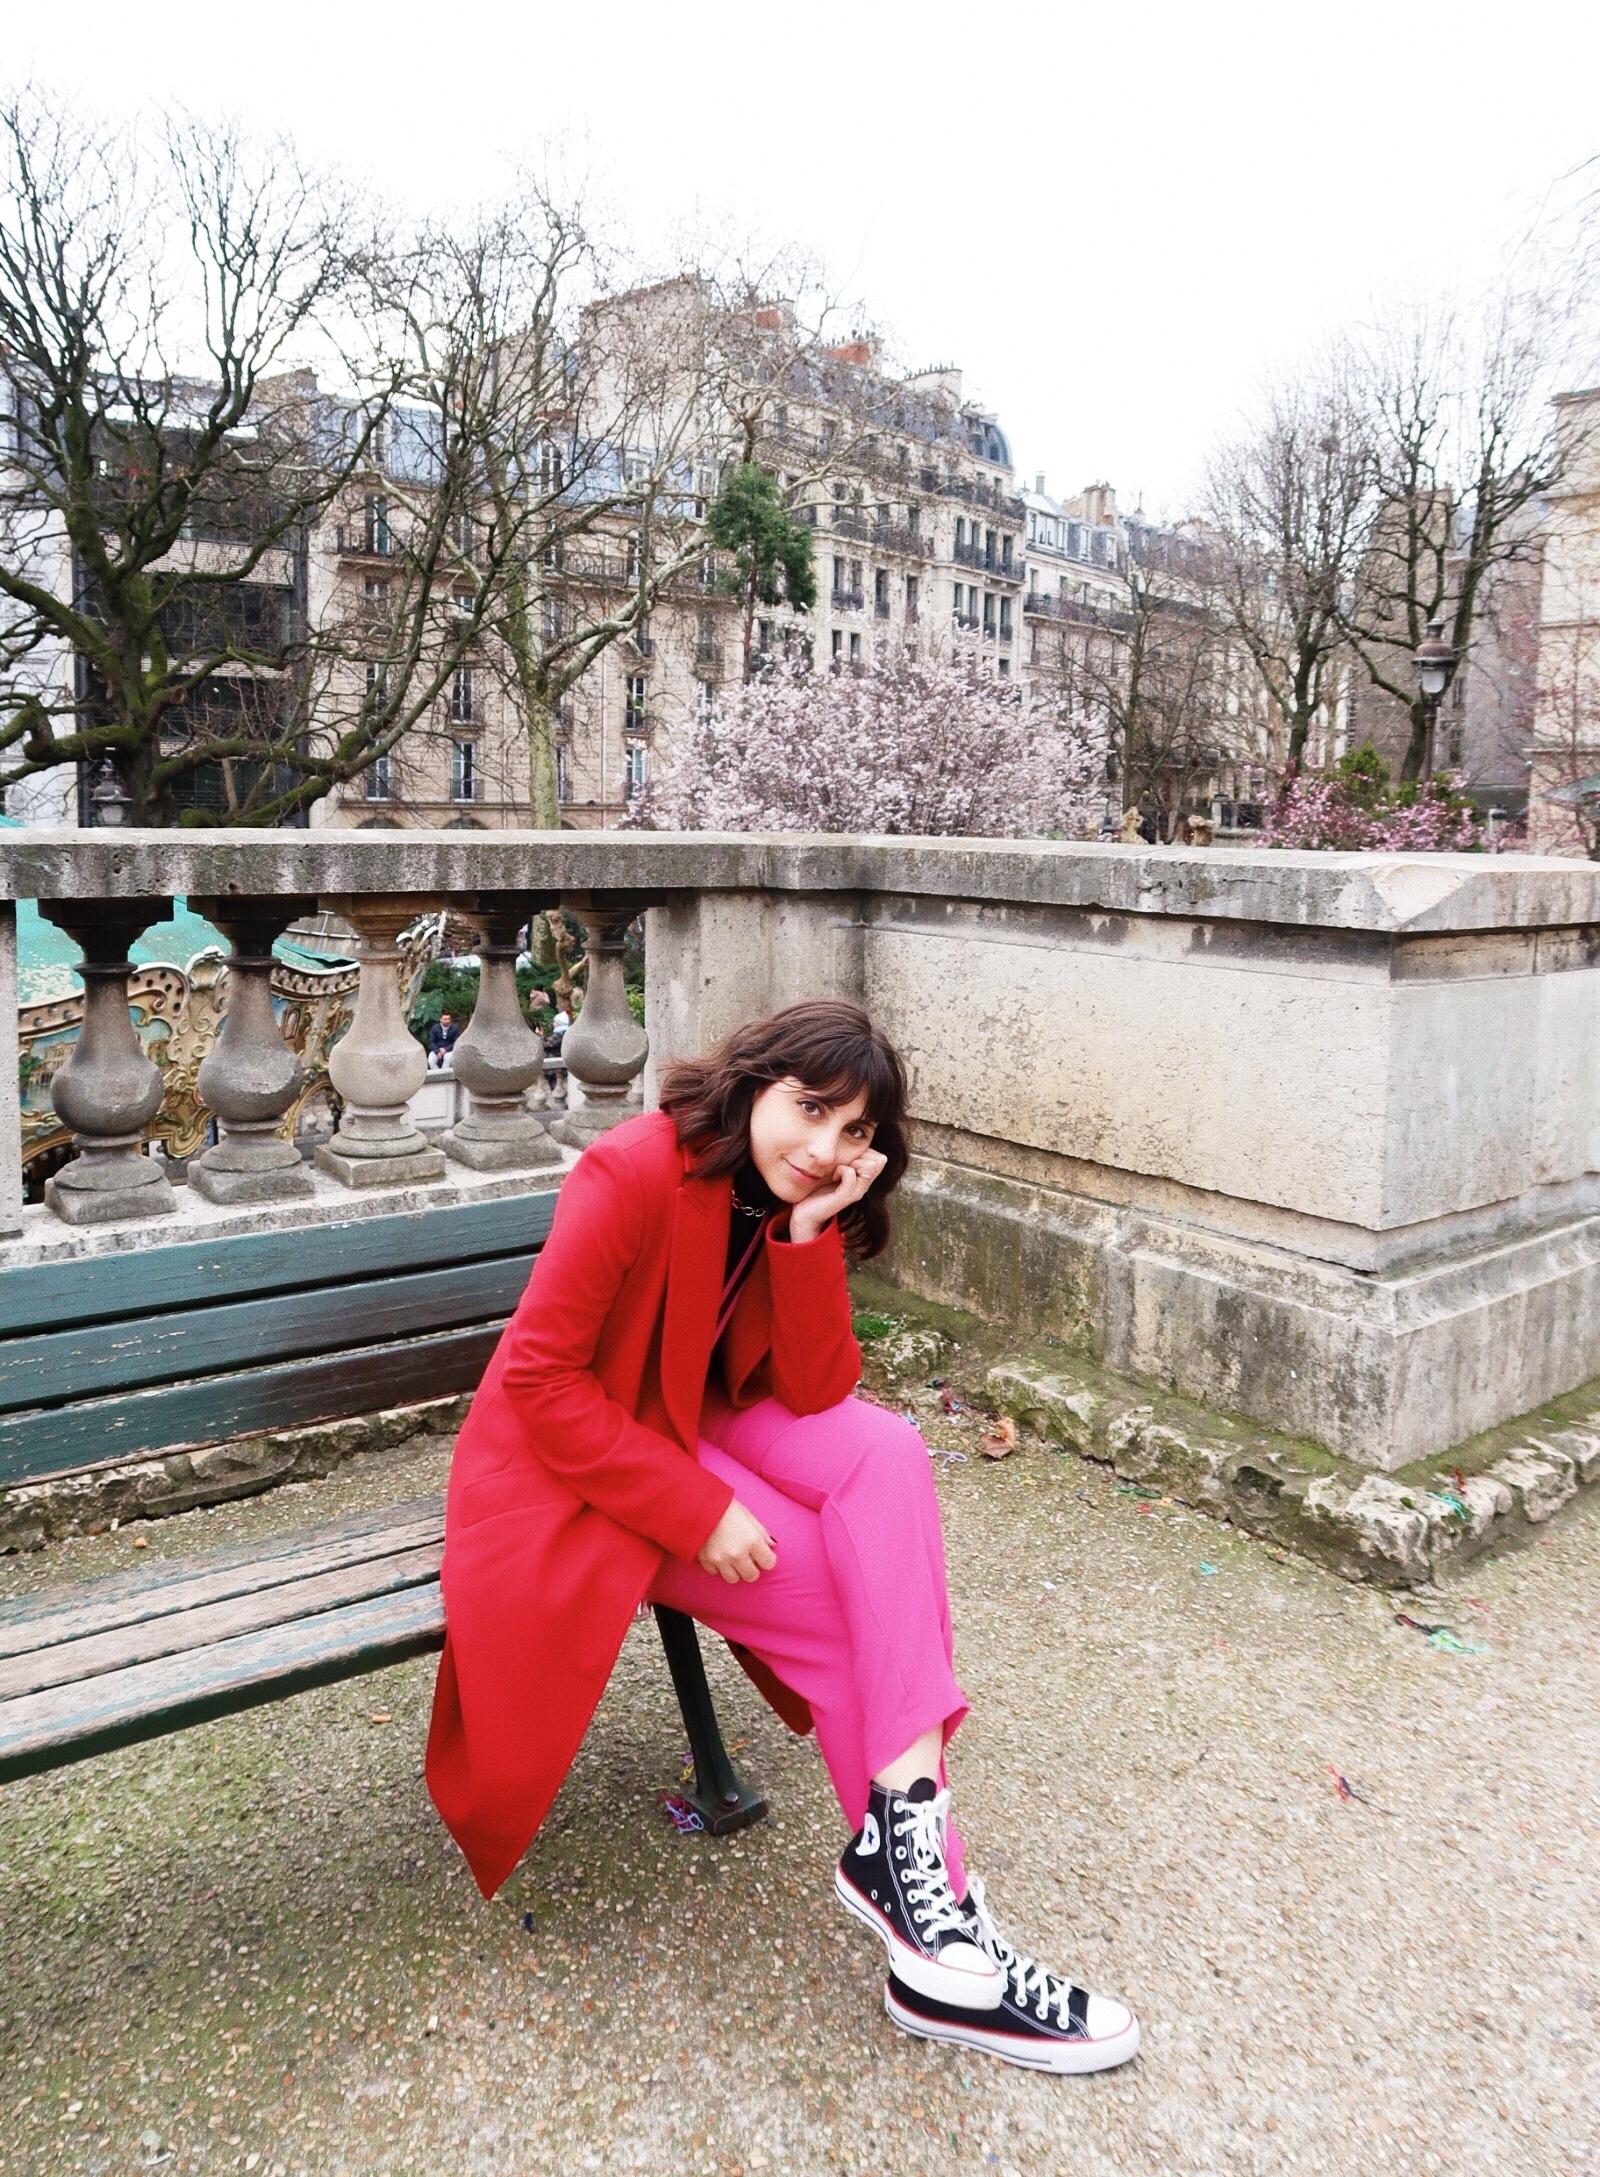 montmatre sofi ilove looks viagem lolla - Travel in style. Os looks da Sofia Stipkovic, head of content iLove.e, pela Europa.